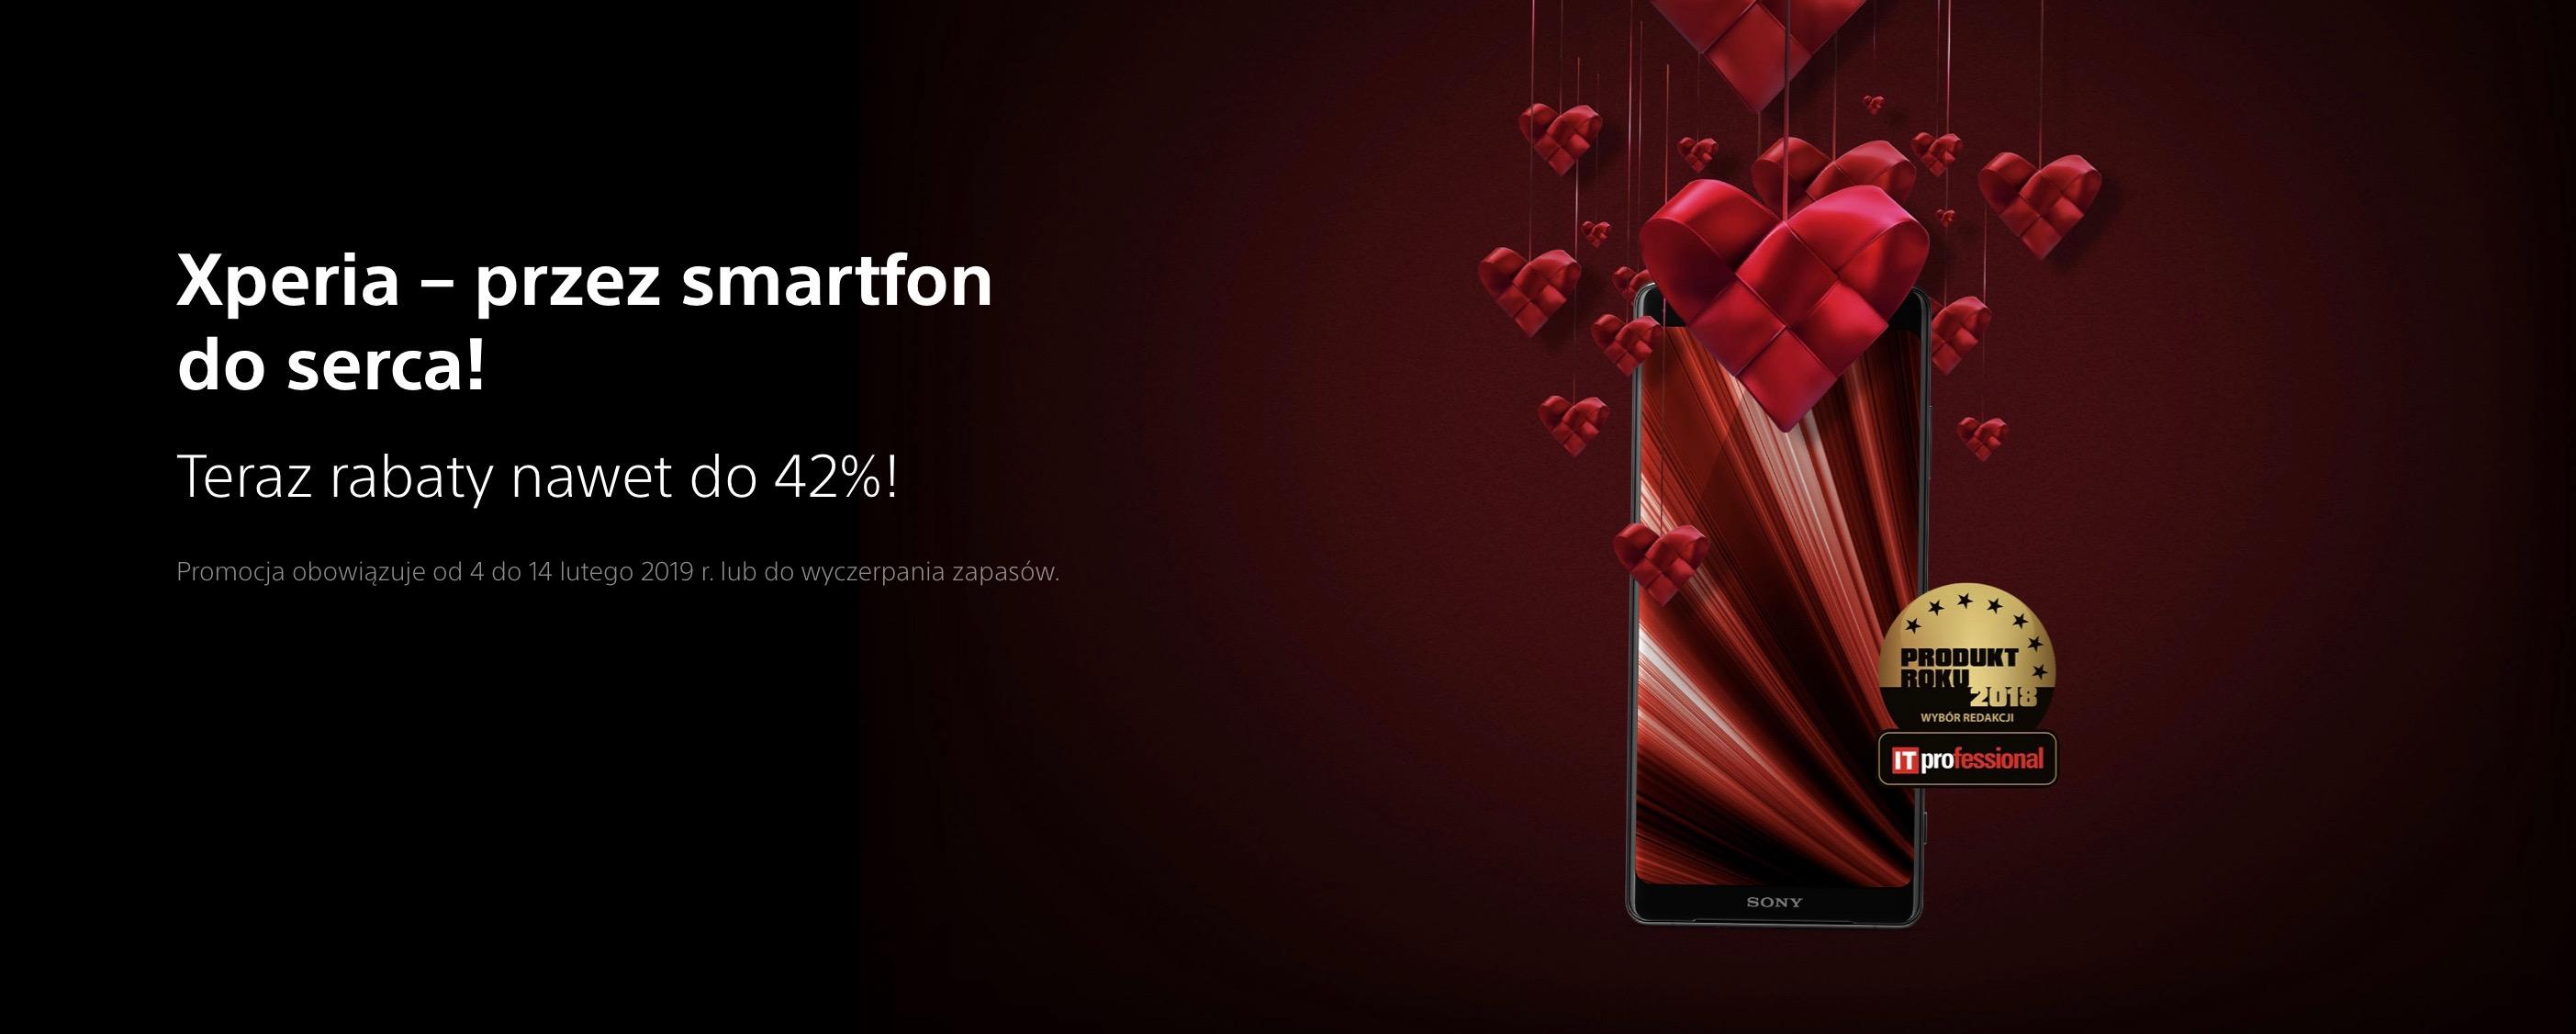 Walentynkowa promocja Sony. Smartfony tañsze o nawet 42 procent